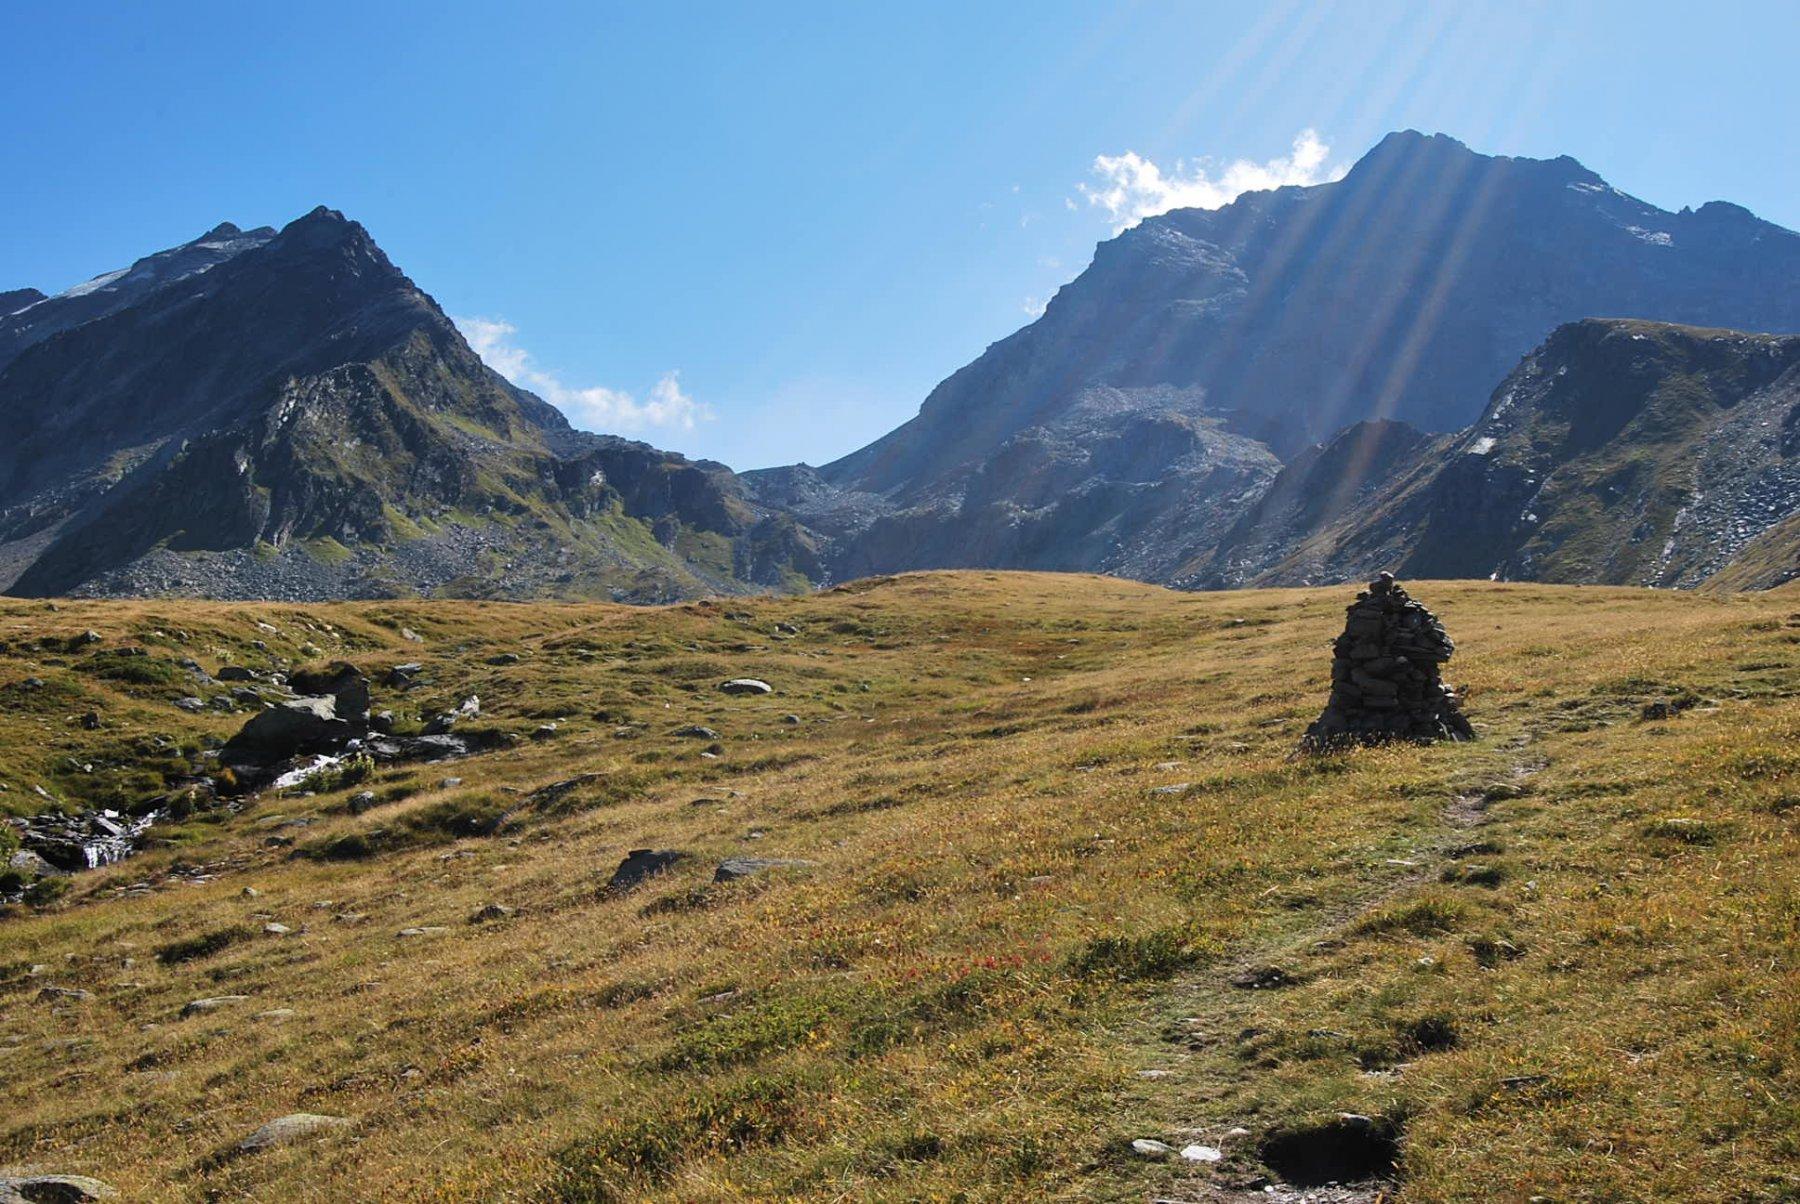 Sempre per Monica: Col de la Sassiere e Gran Becca du  Mont visti al bivio presso l'ometto